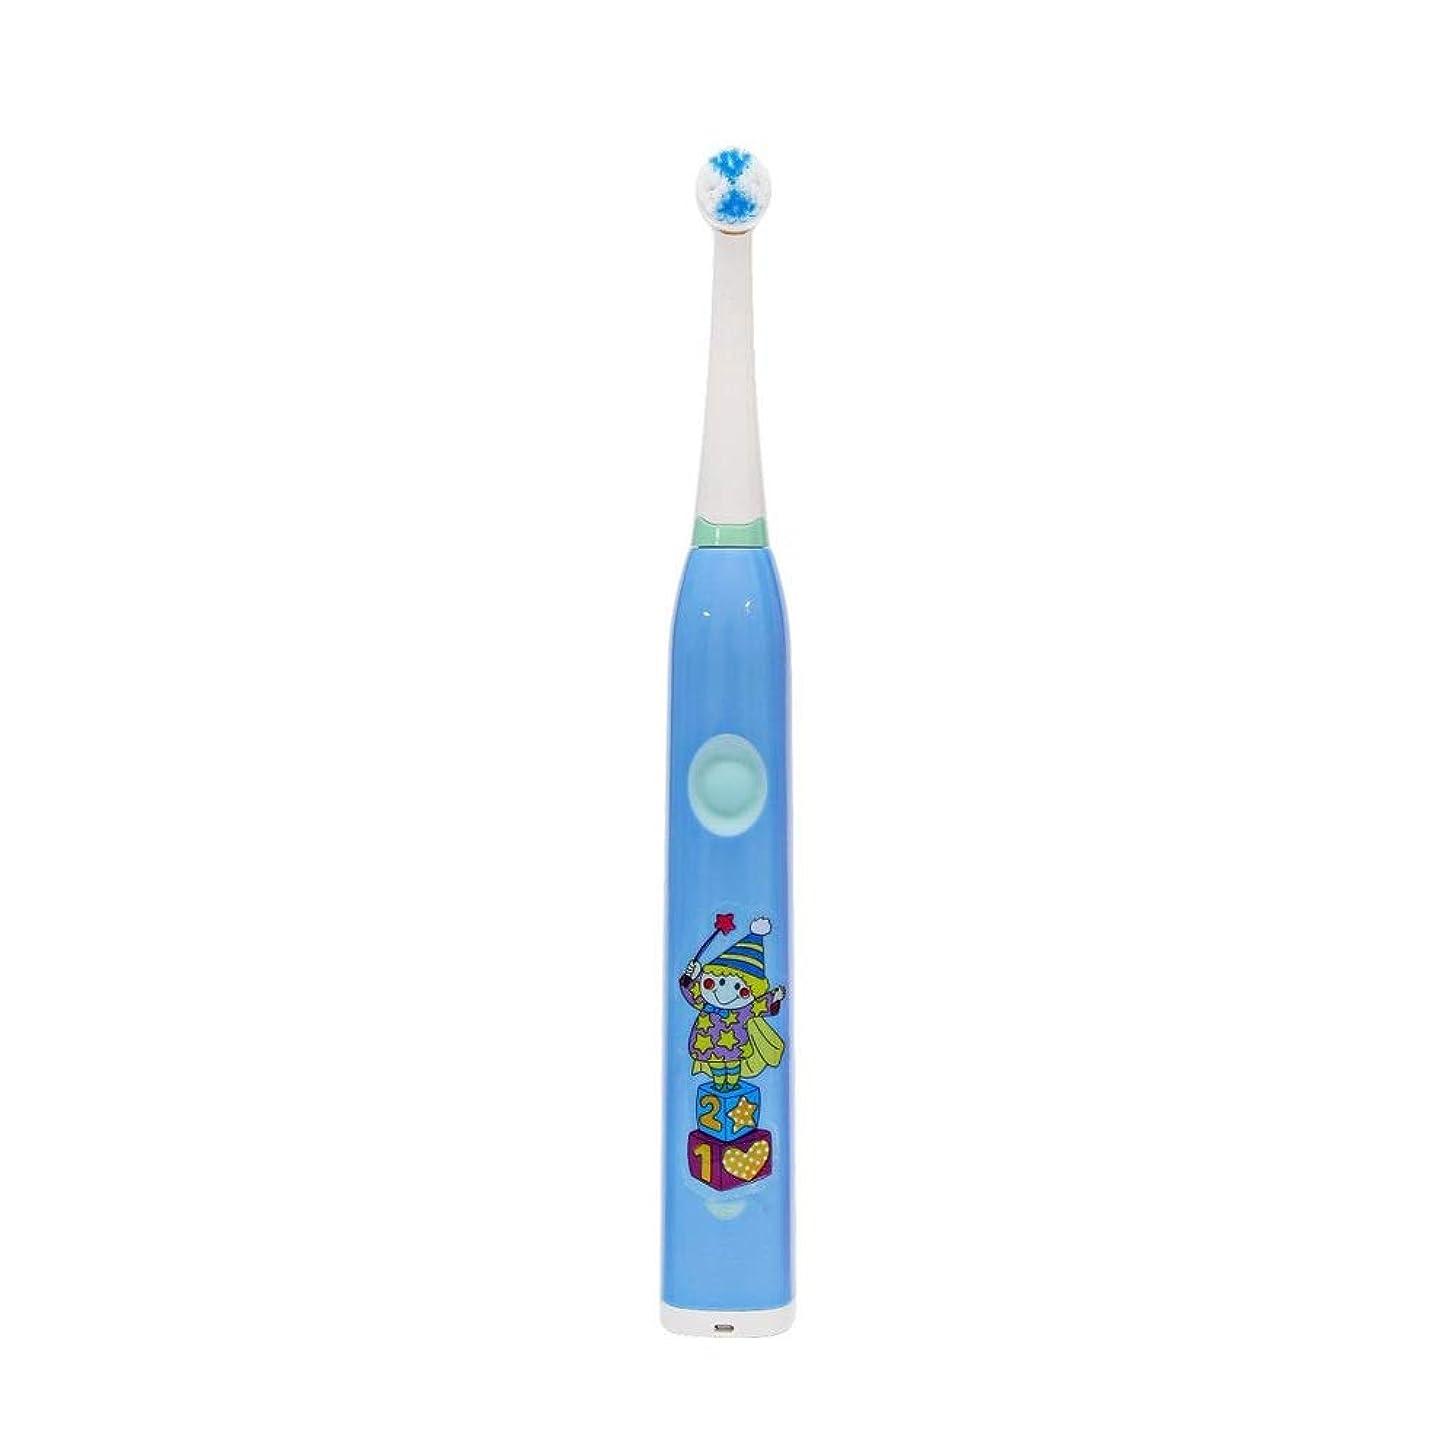 厳しい雪のしがみつく家庭用電動歯ブラシ 子供用電動歯ブラシかわいいUSB充電式歯ブラシ 男性用女性子供大人 (色 : 青, サイズ : Free size)